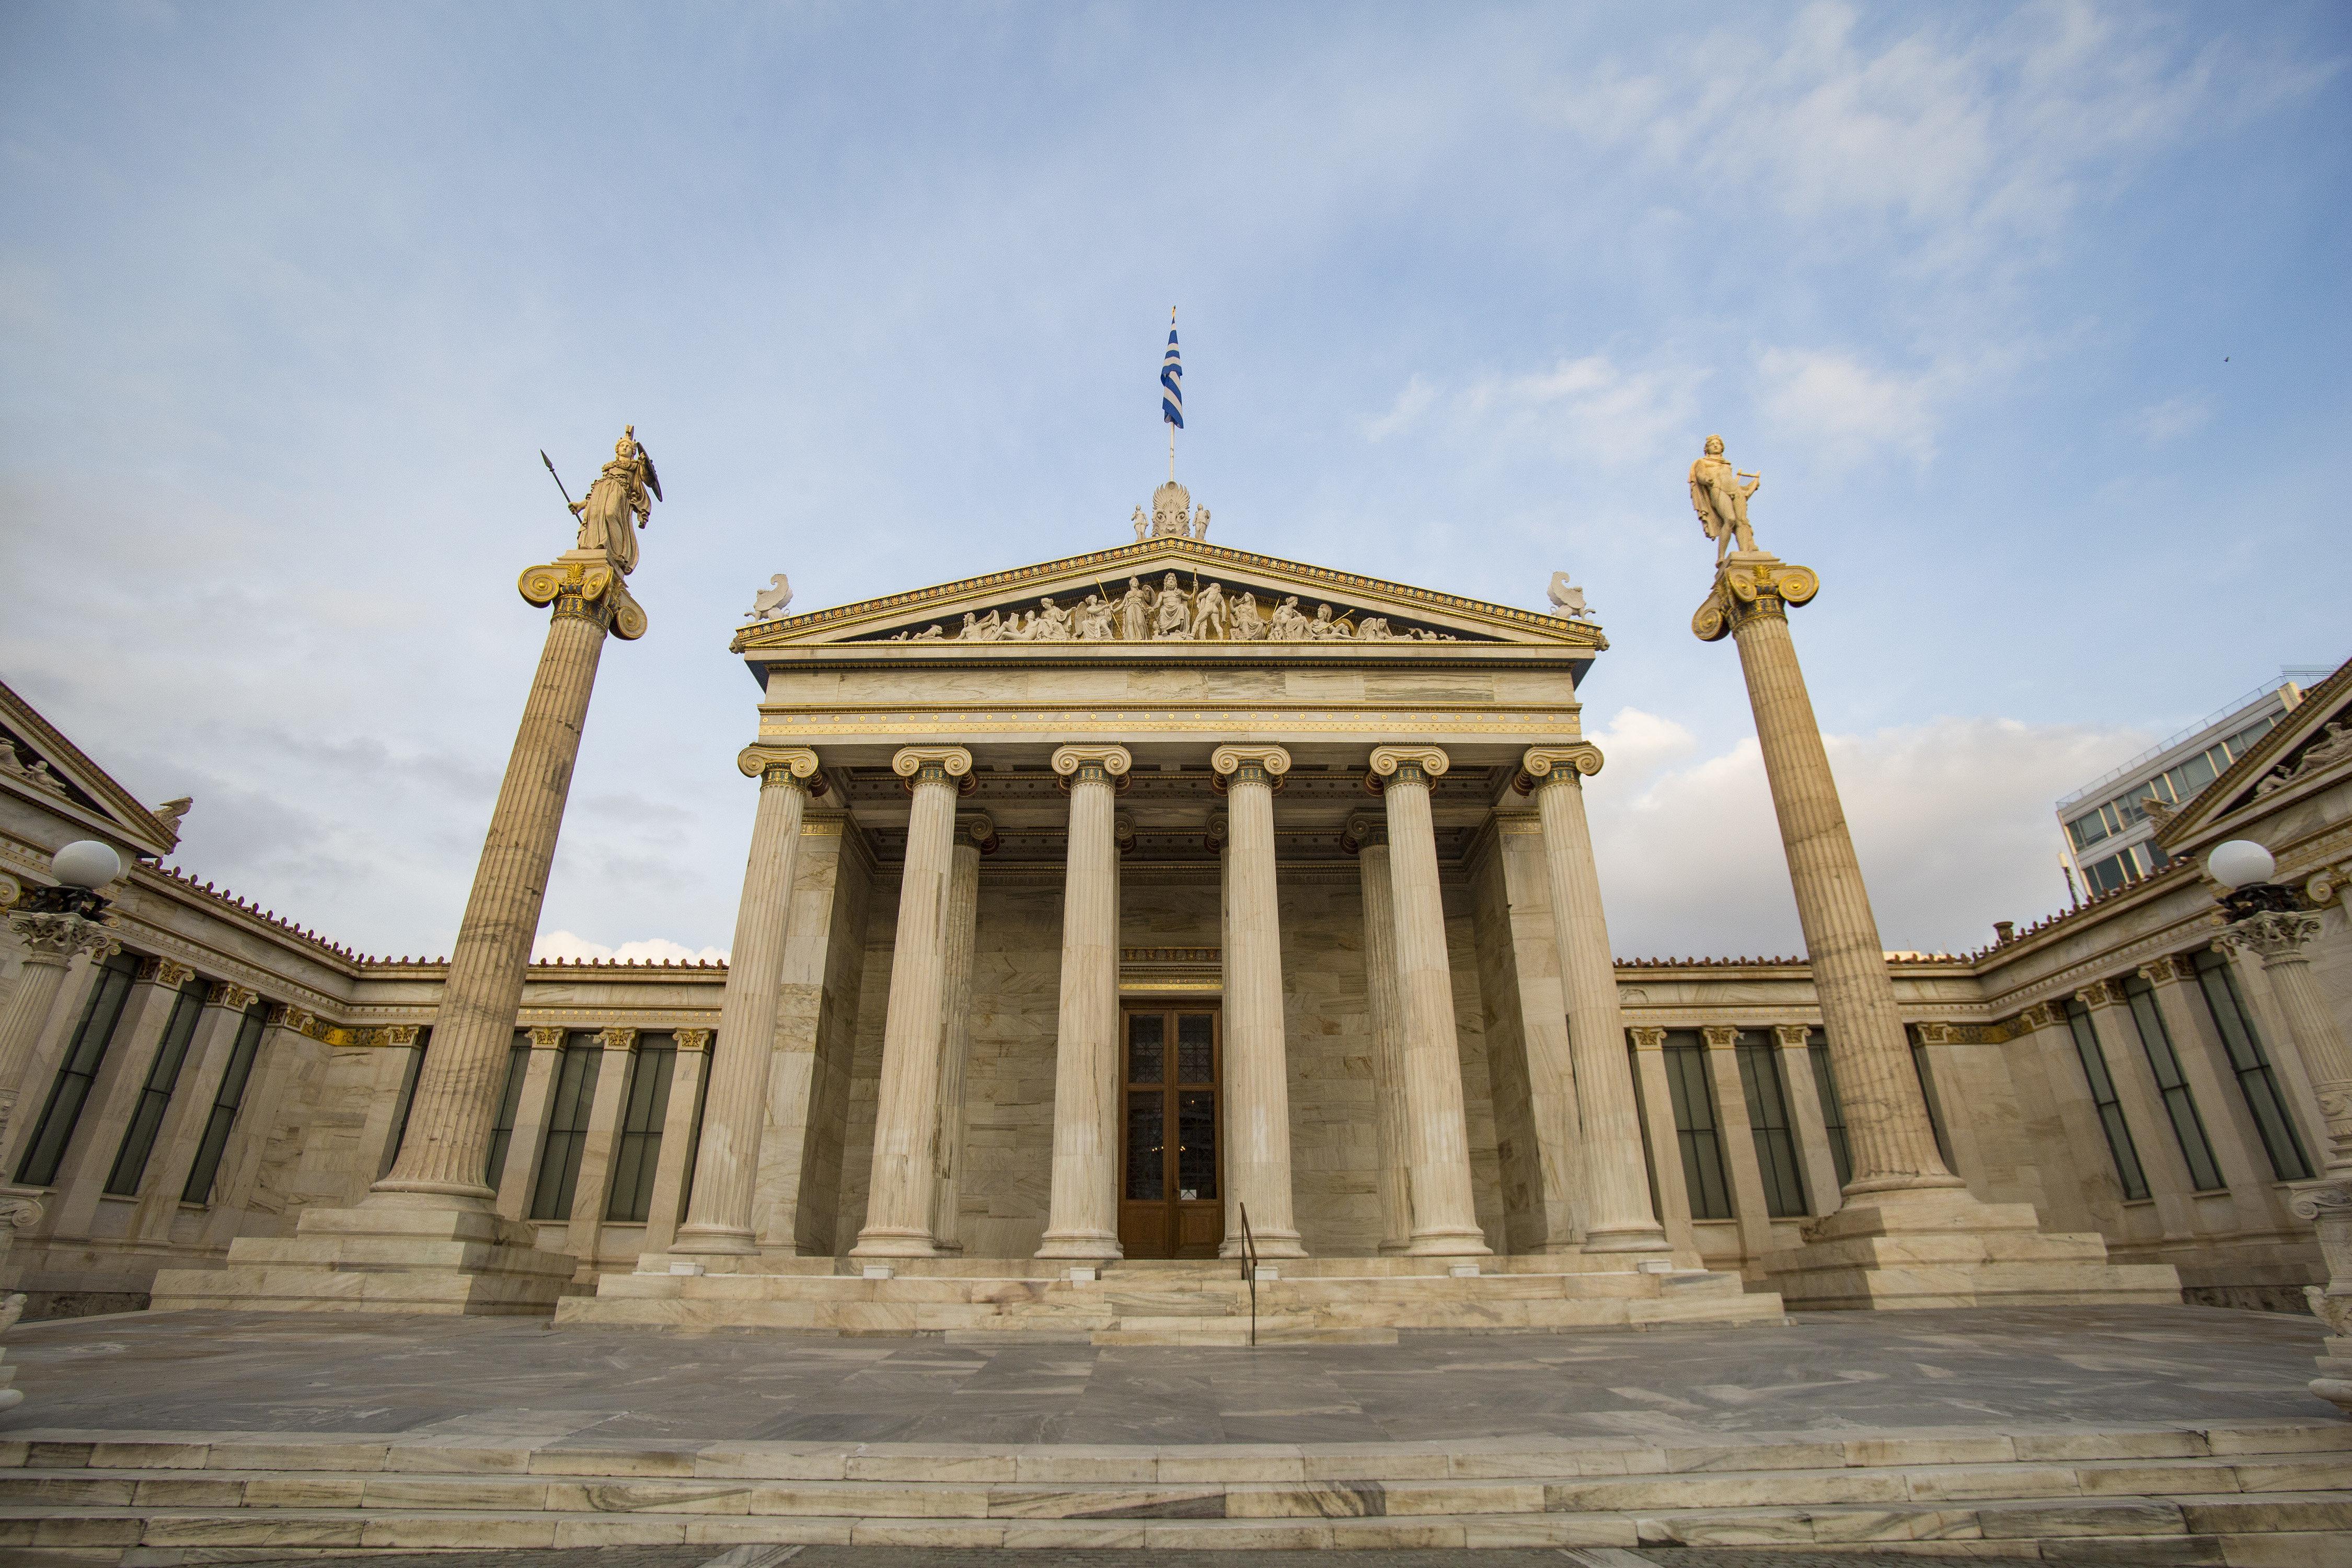 Οι αλλαγές που φέρνει το νομοσχέδιο Γαβρόγλου για το πανεπιστήμιο της Δυτικής Αττικής, από το νηπιαγωγείο μέχρι το